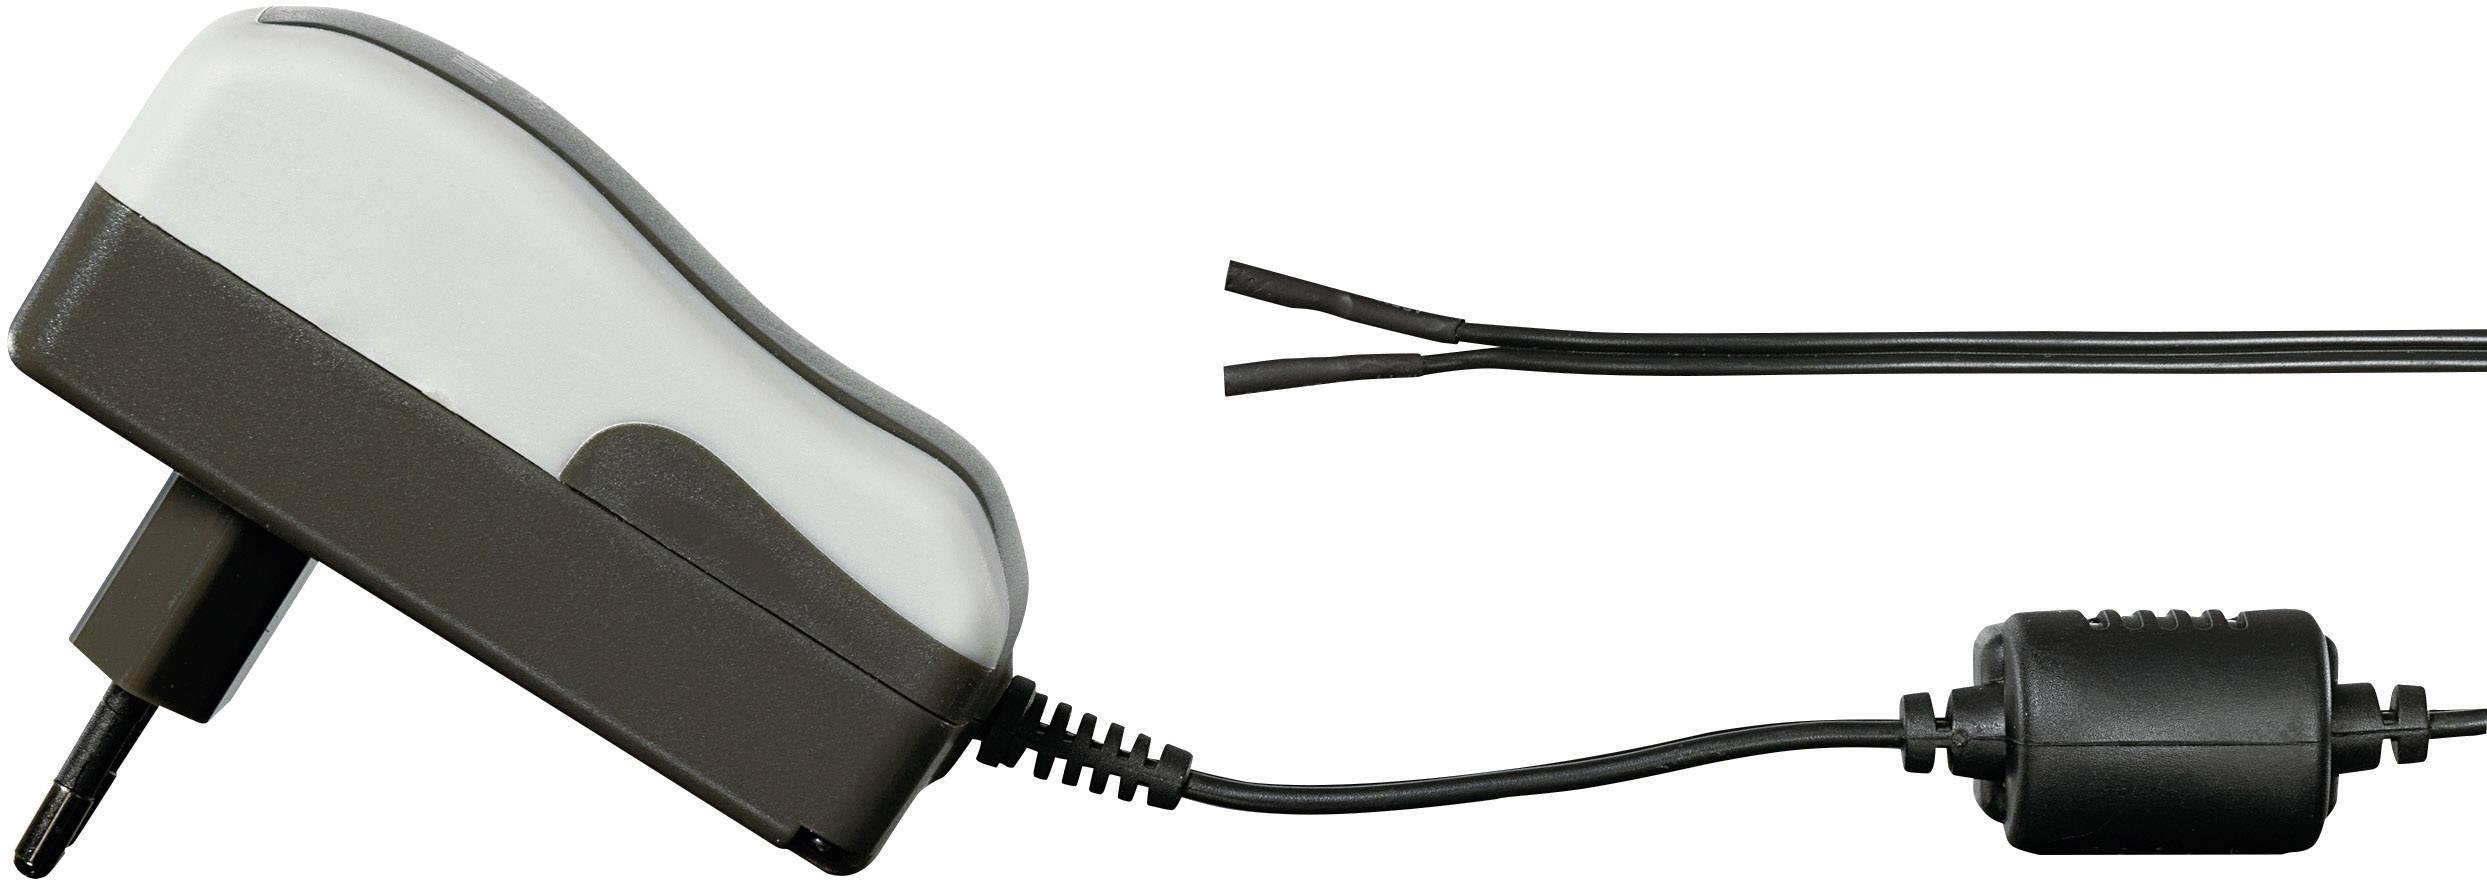 Síťový adaptér bez konektoru Voltcraft SNG-2250-OW, 3 - 12 V/DC, 27 W